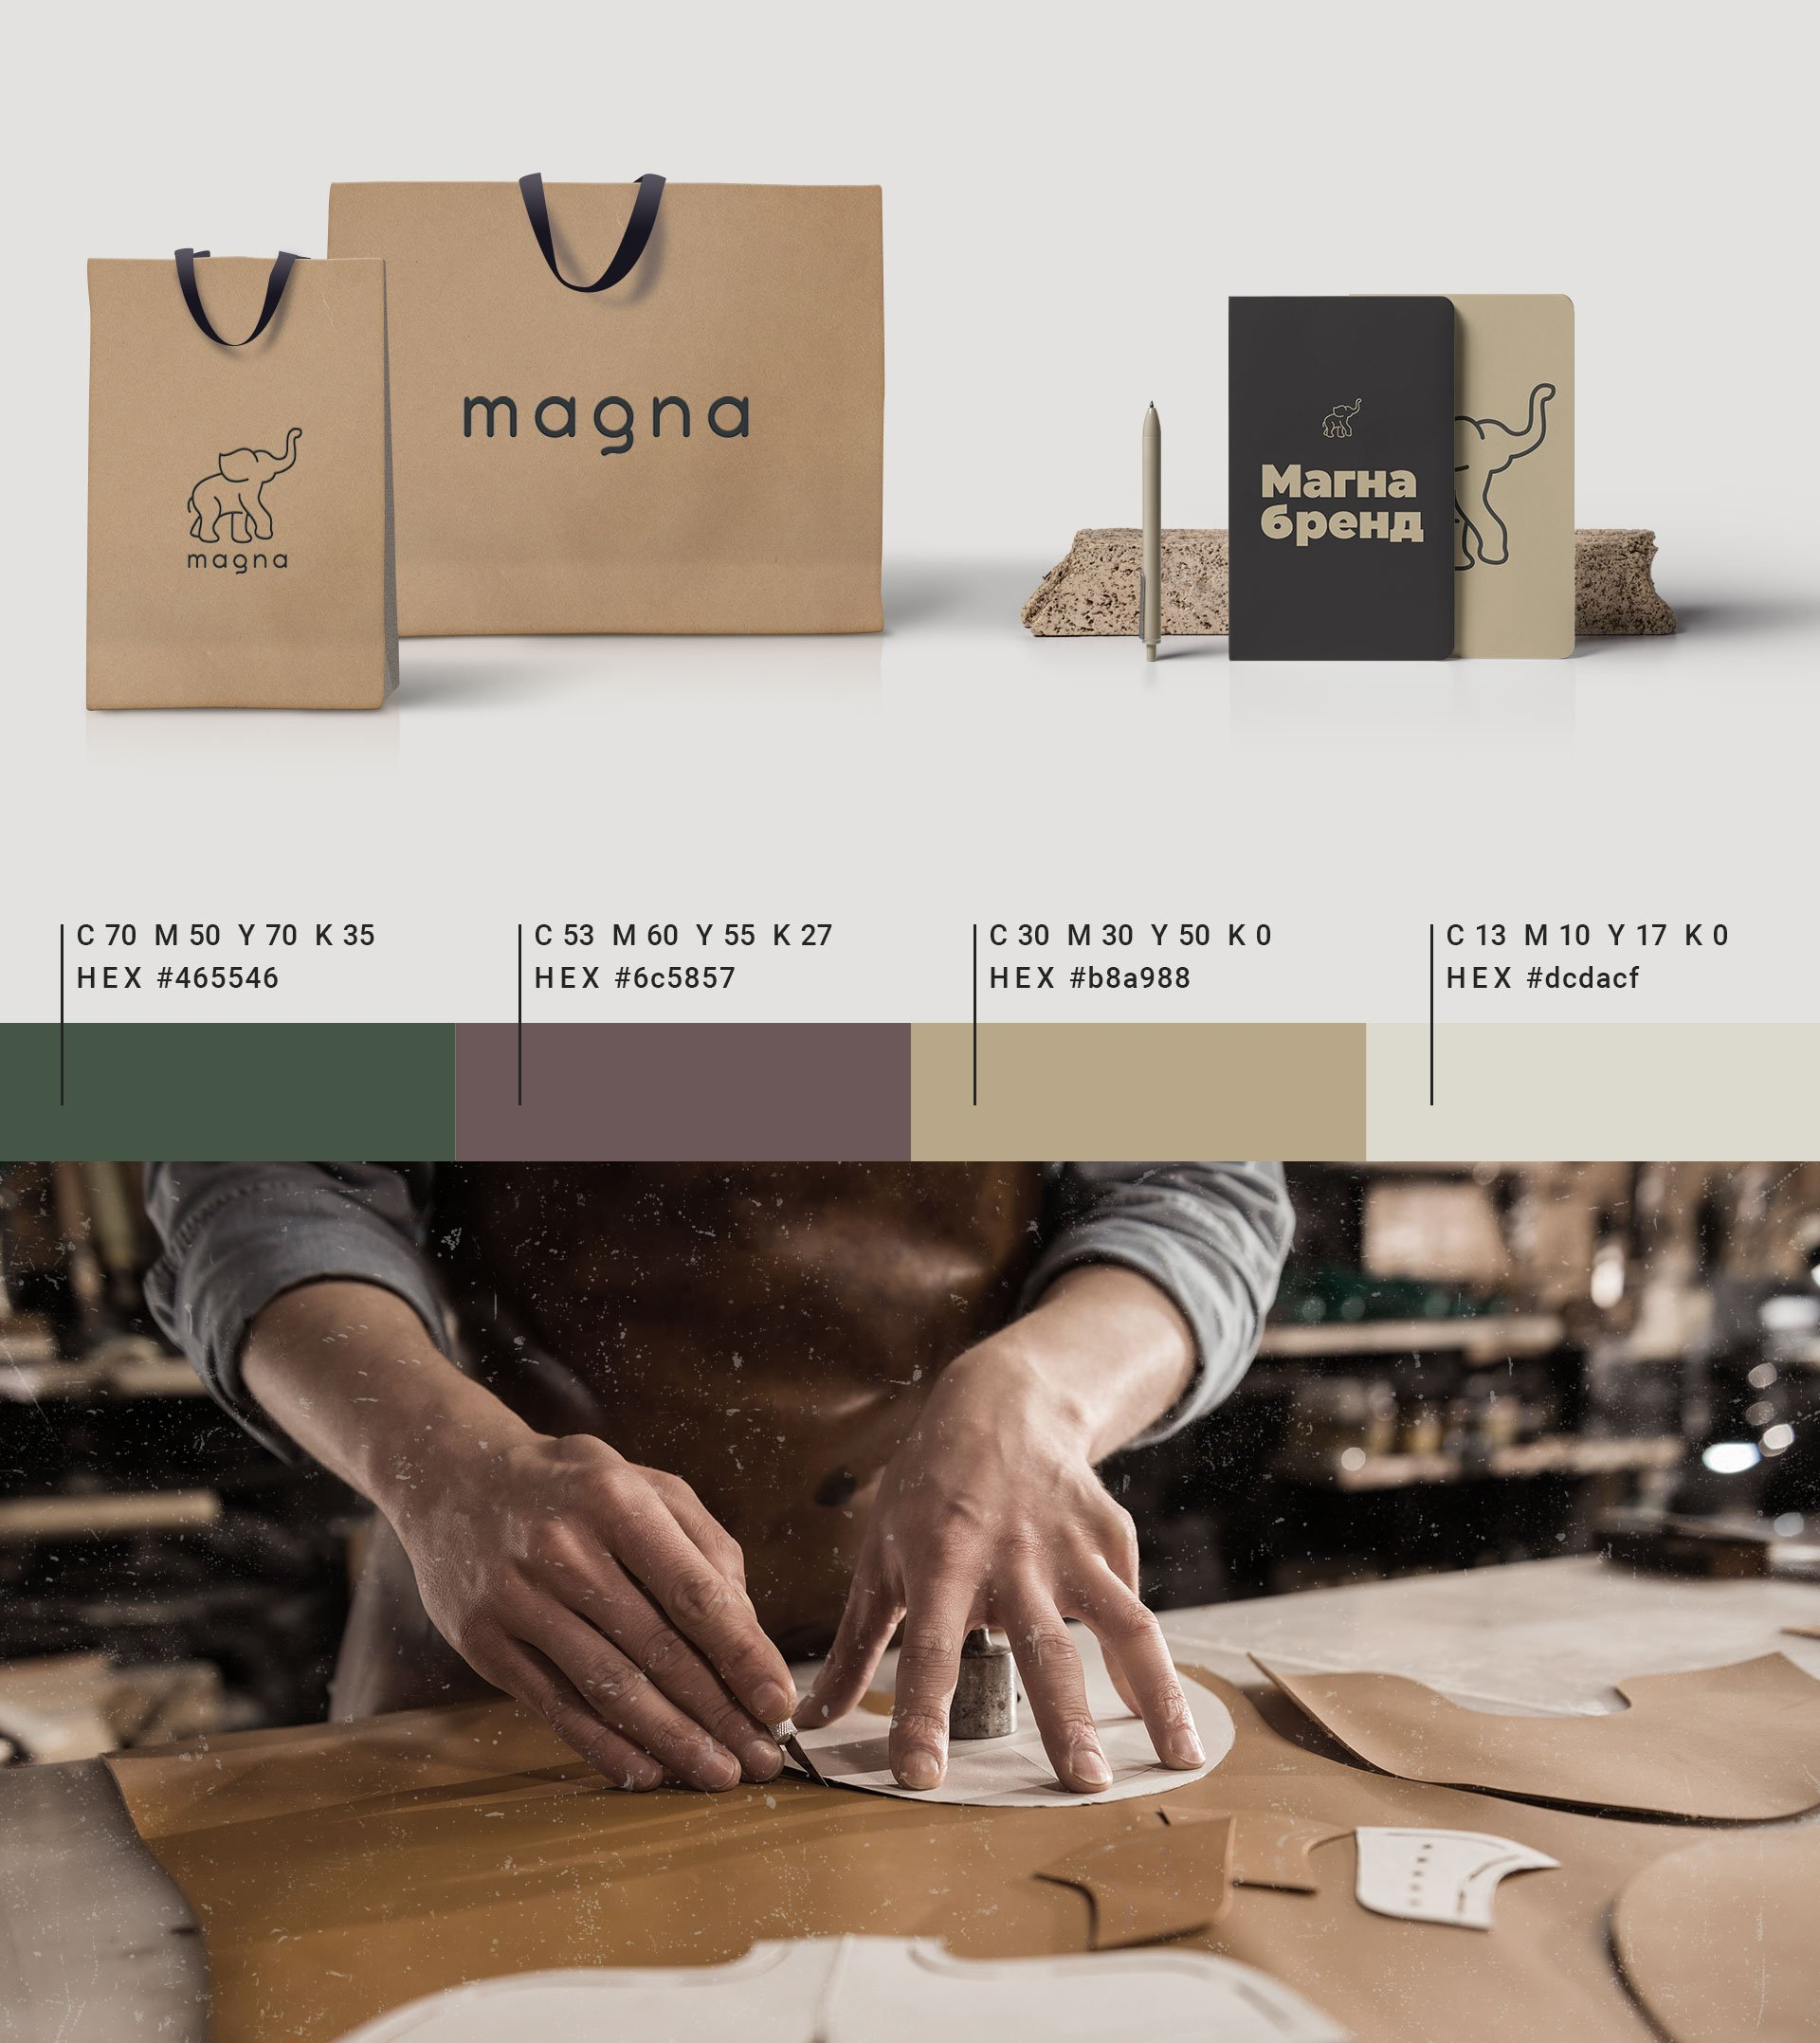 Magna-3